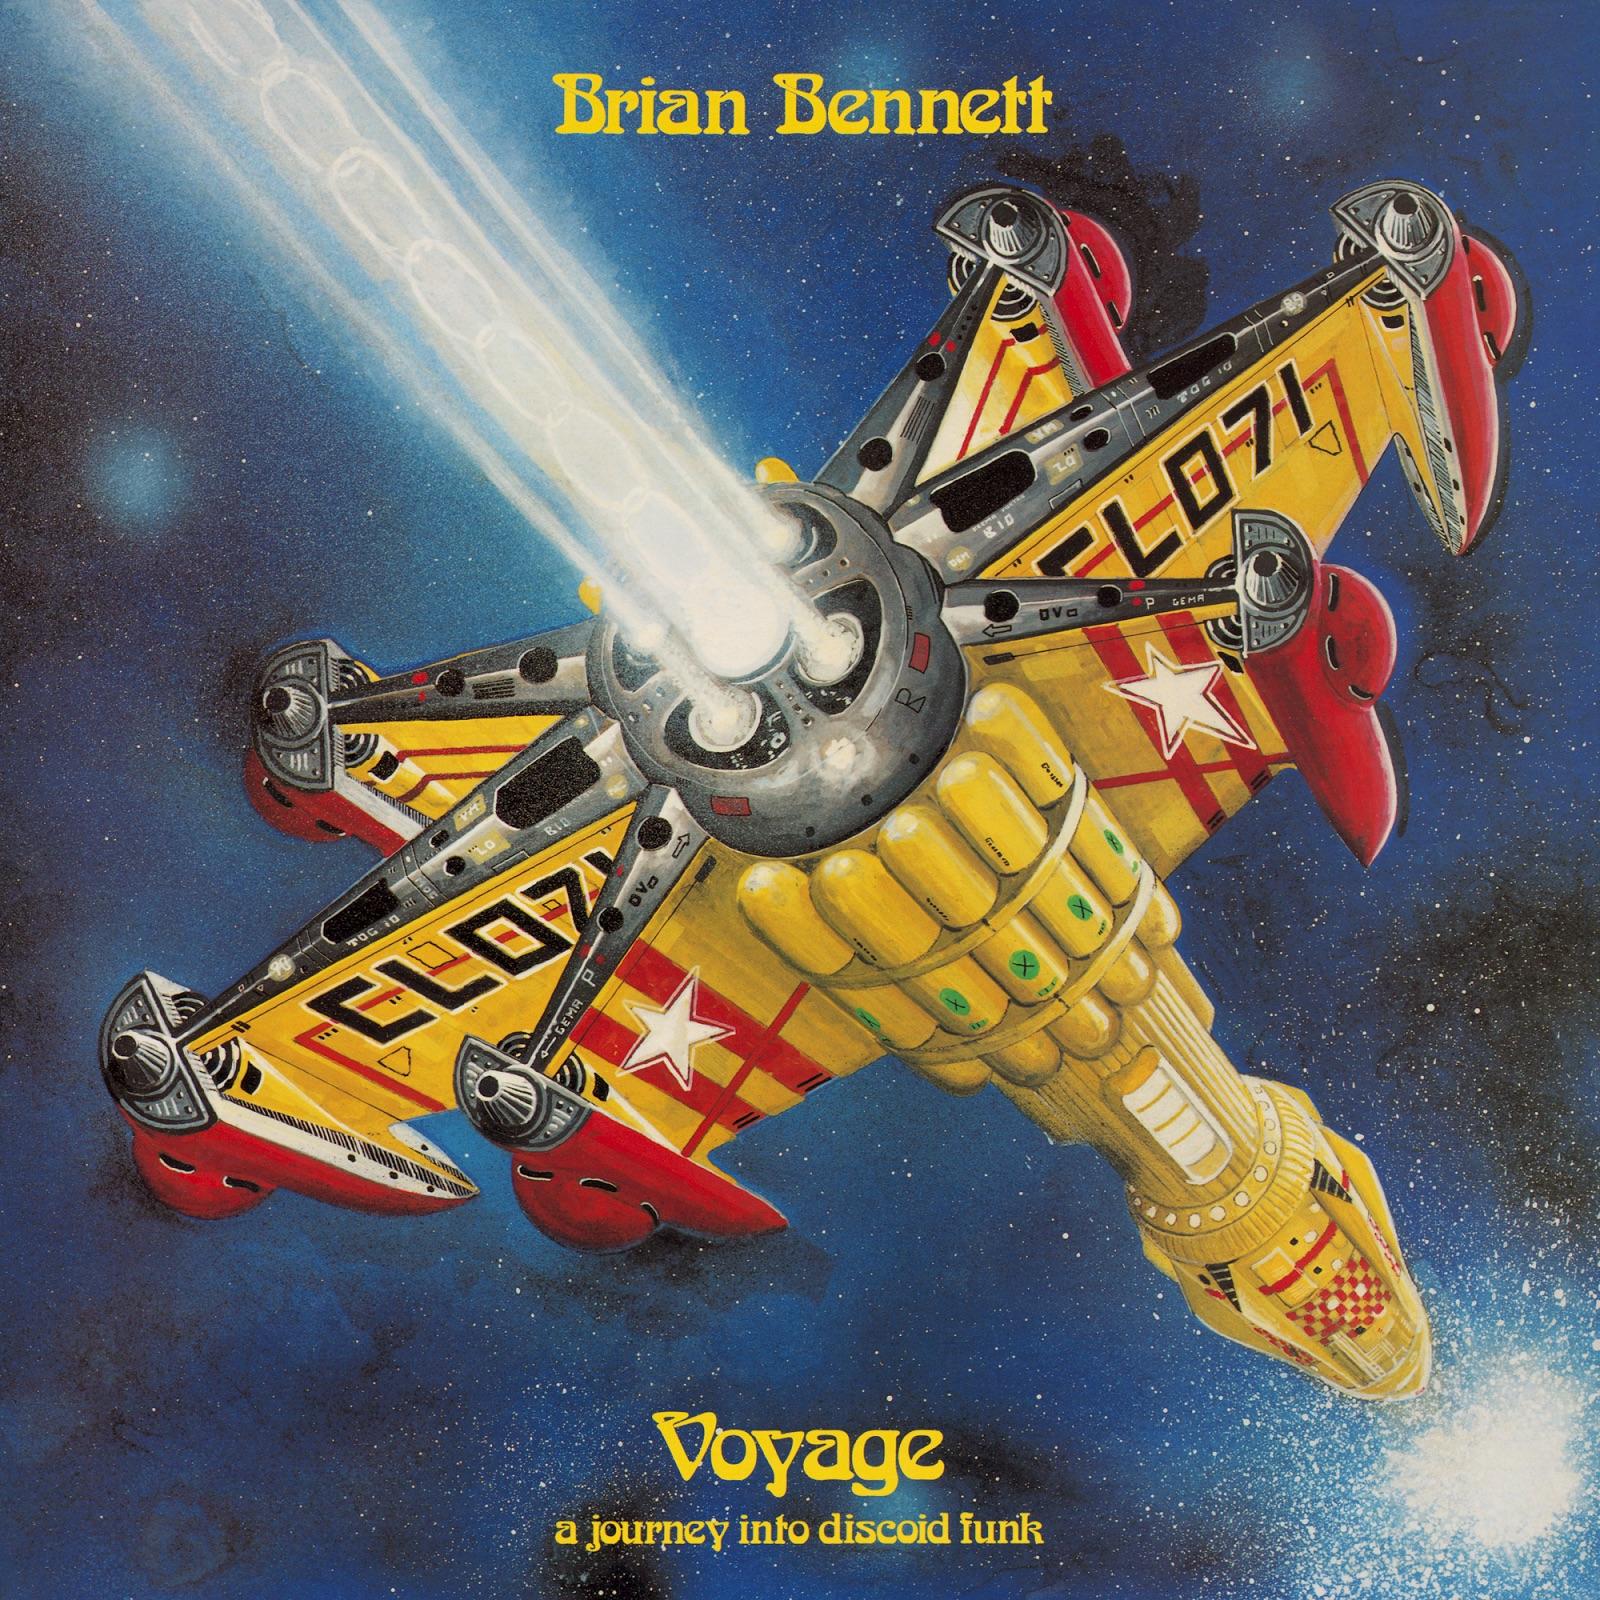 Космический диско артефакт Брайана Беннетта «Voyage (A Journey Into Discoid Funk)» получил официальное переиздание